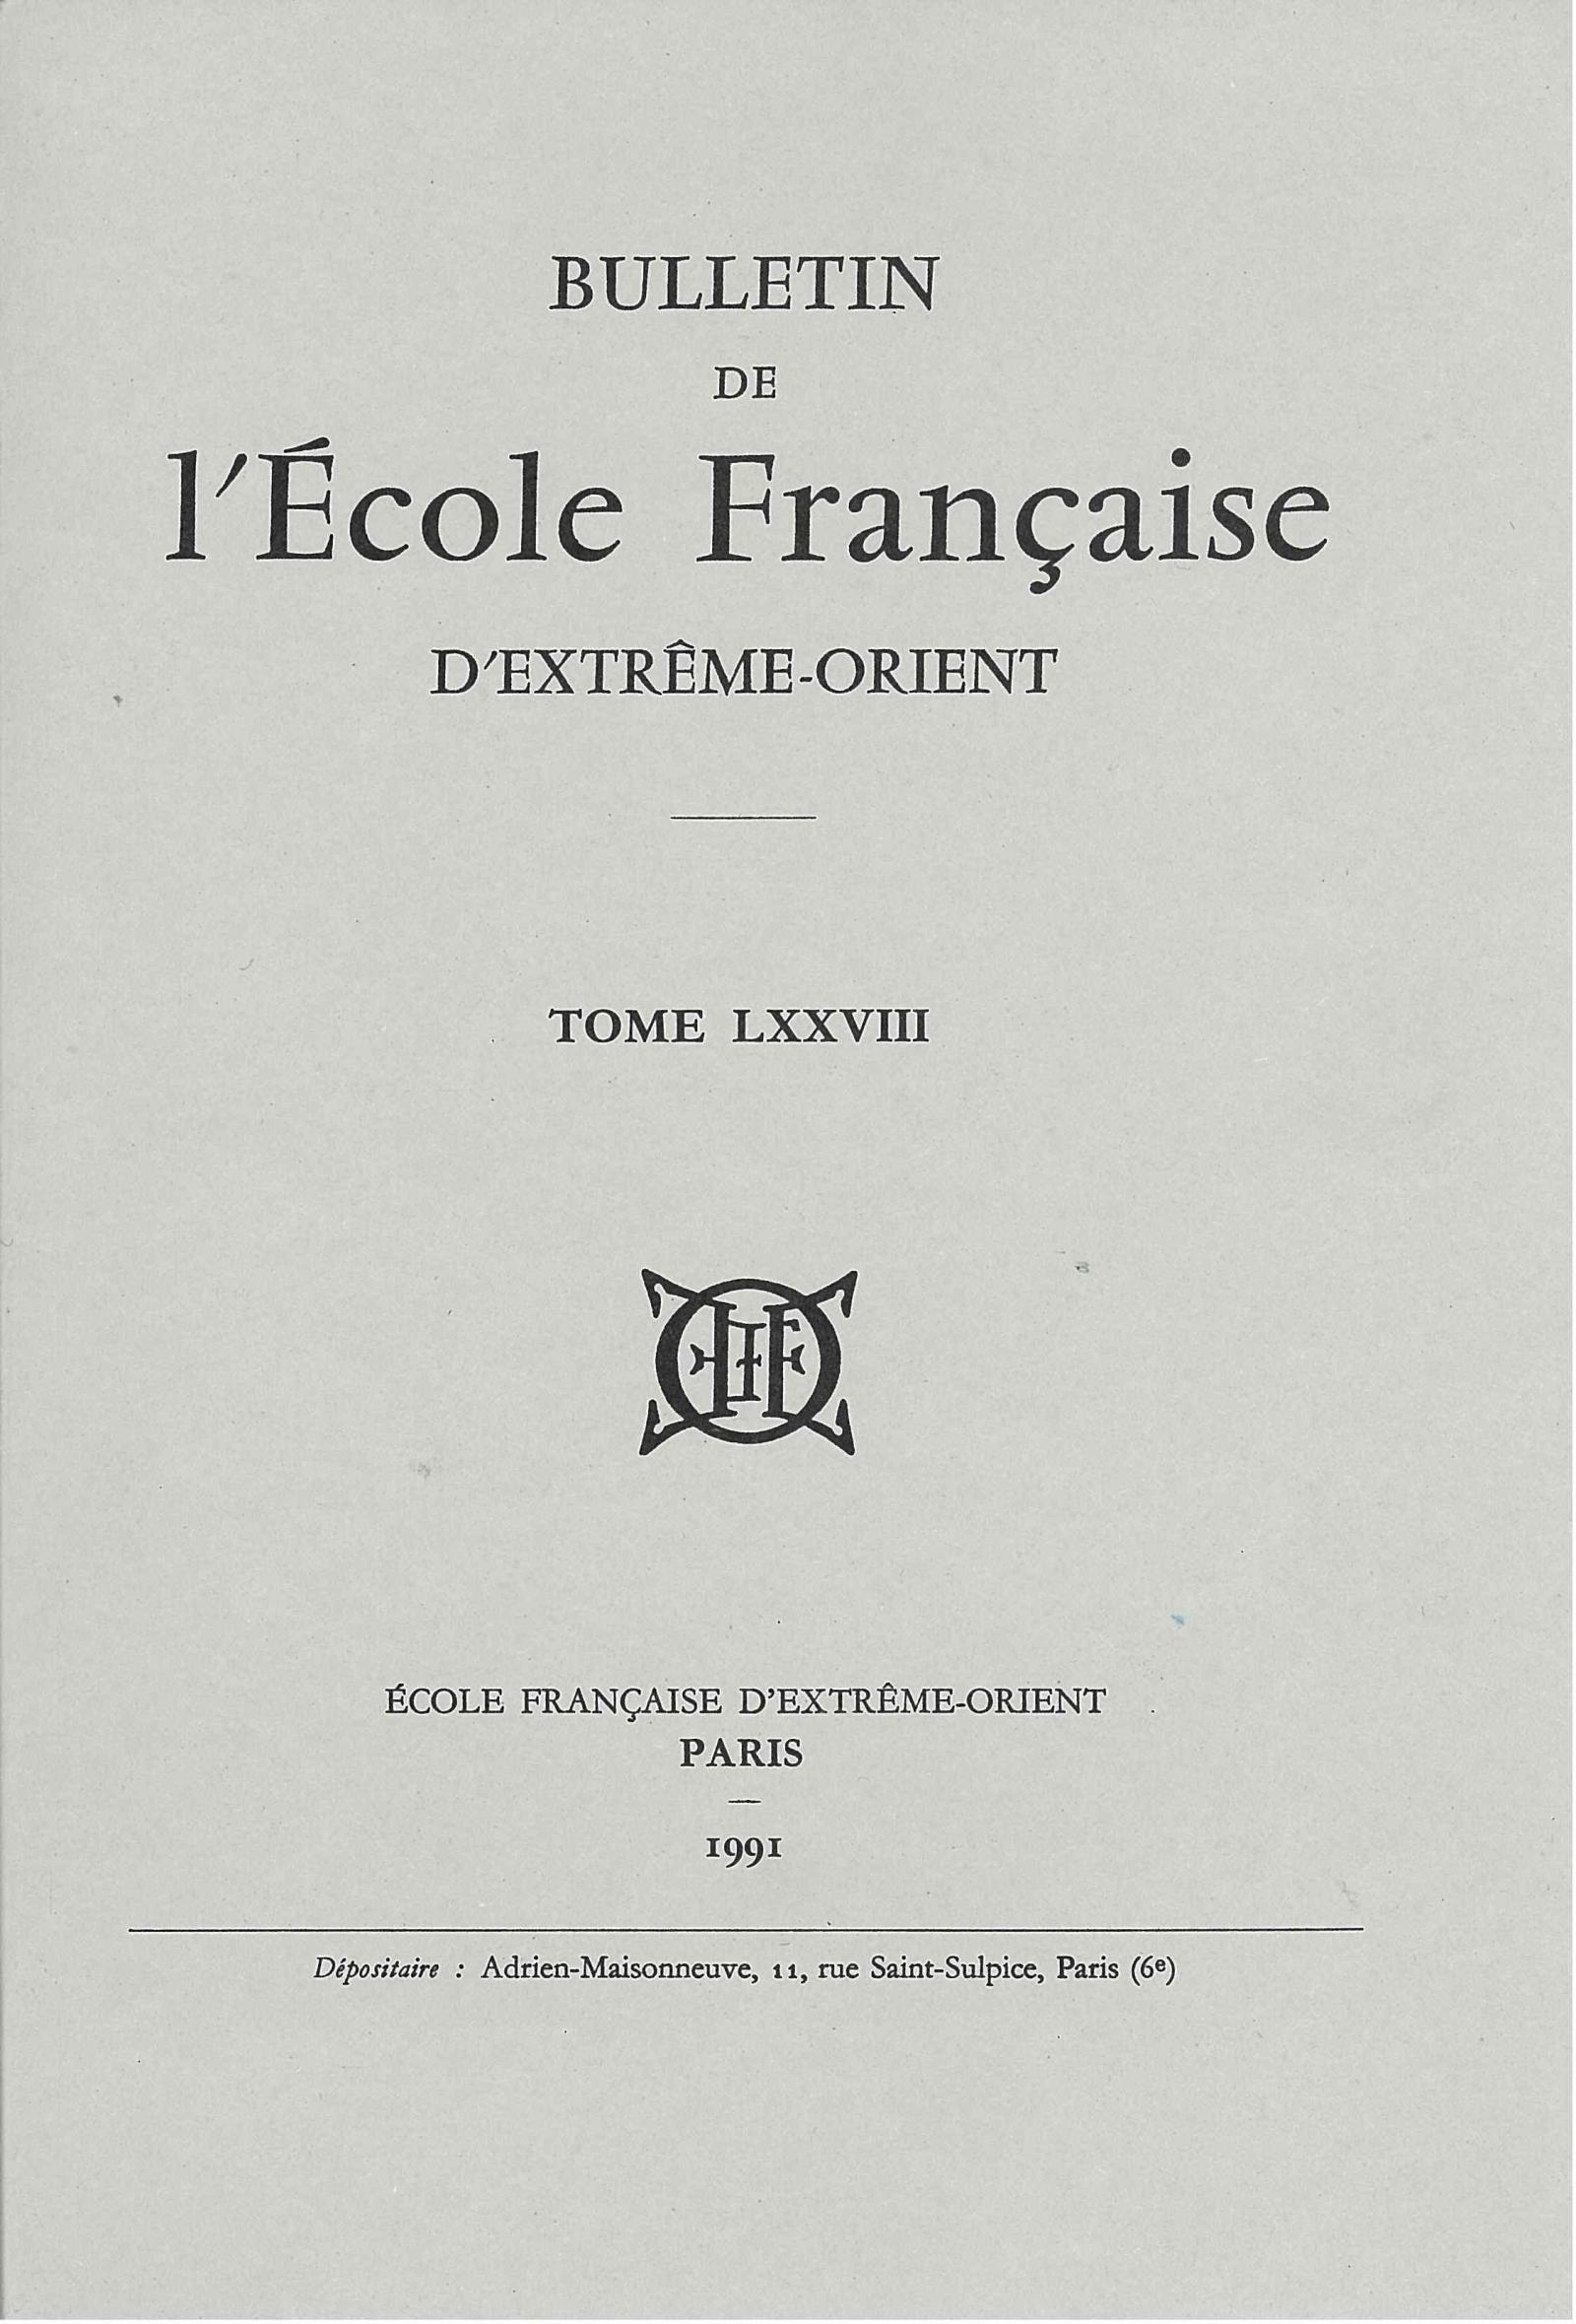 Bulletin de l'Ecole française d'Extrême-Orient 78 (1991)